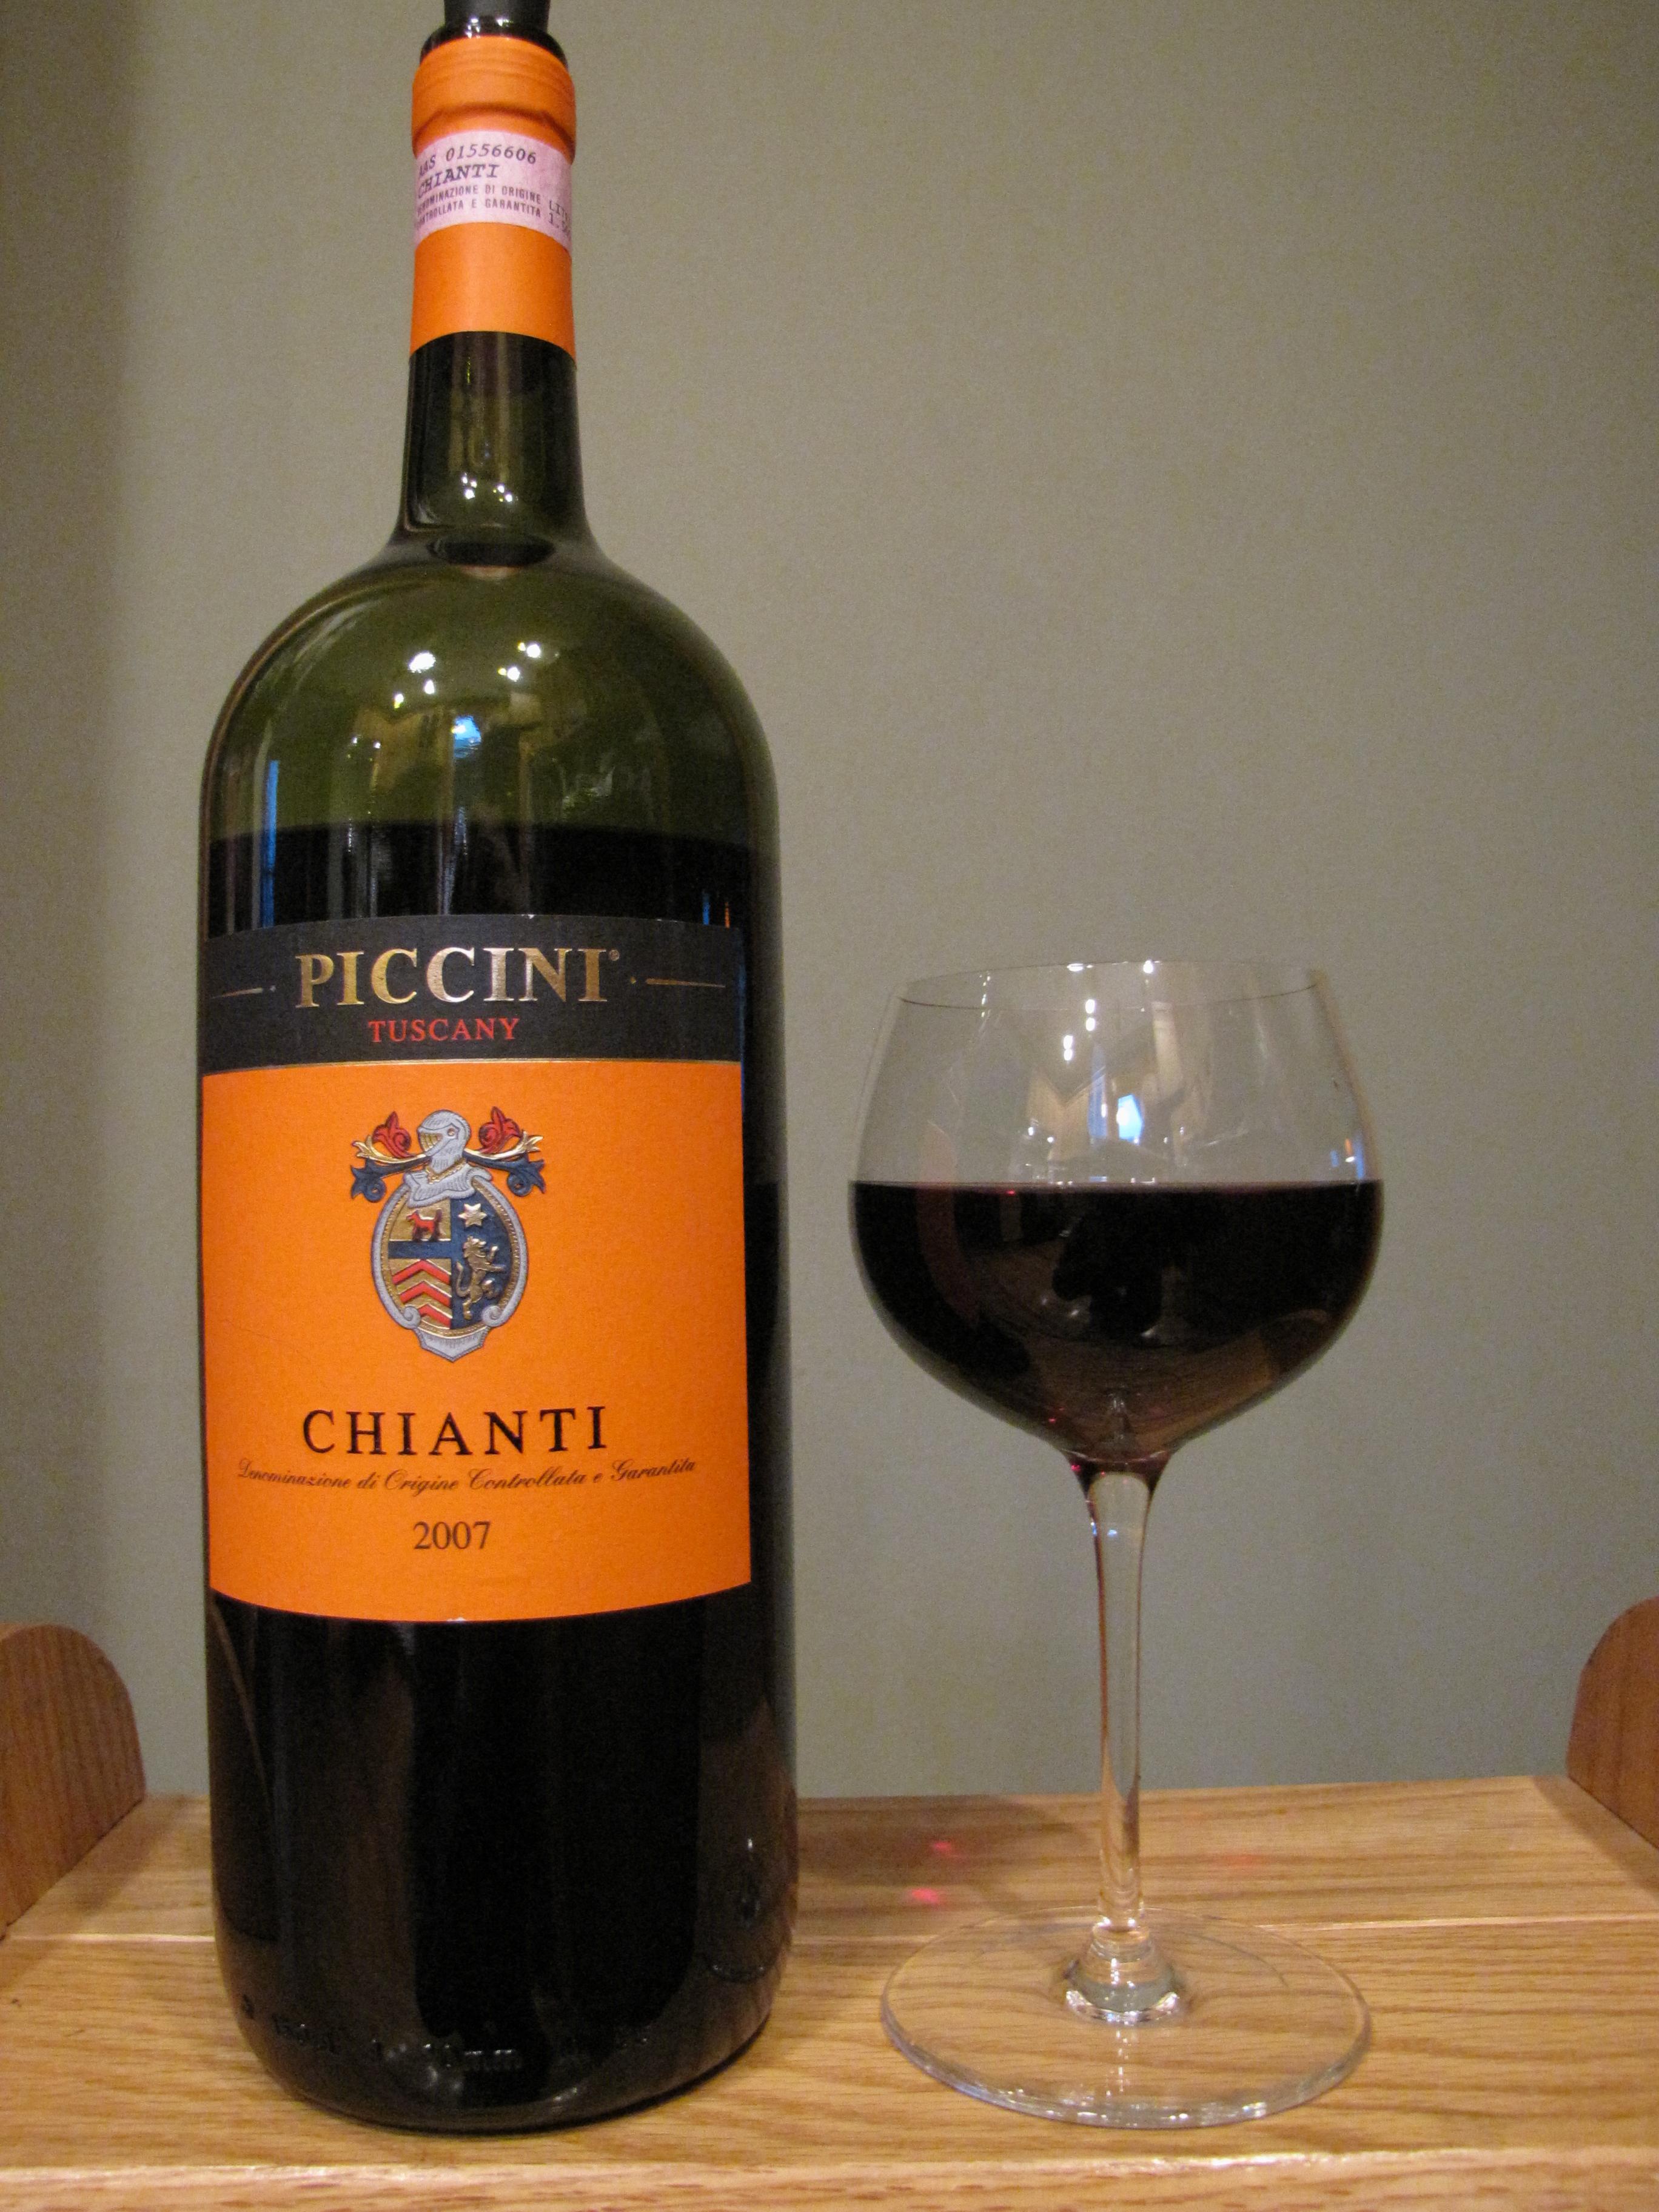 Piccini Chianti (2007)